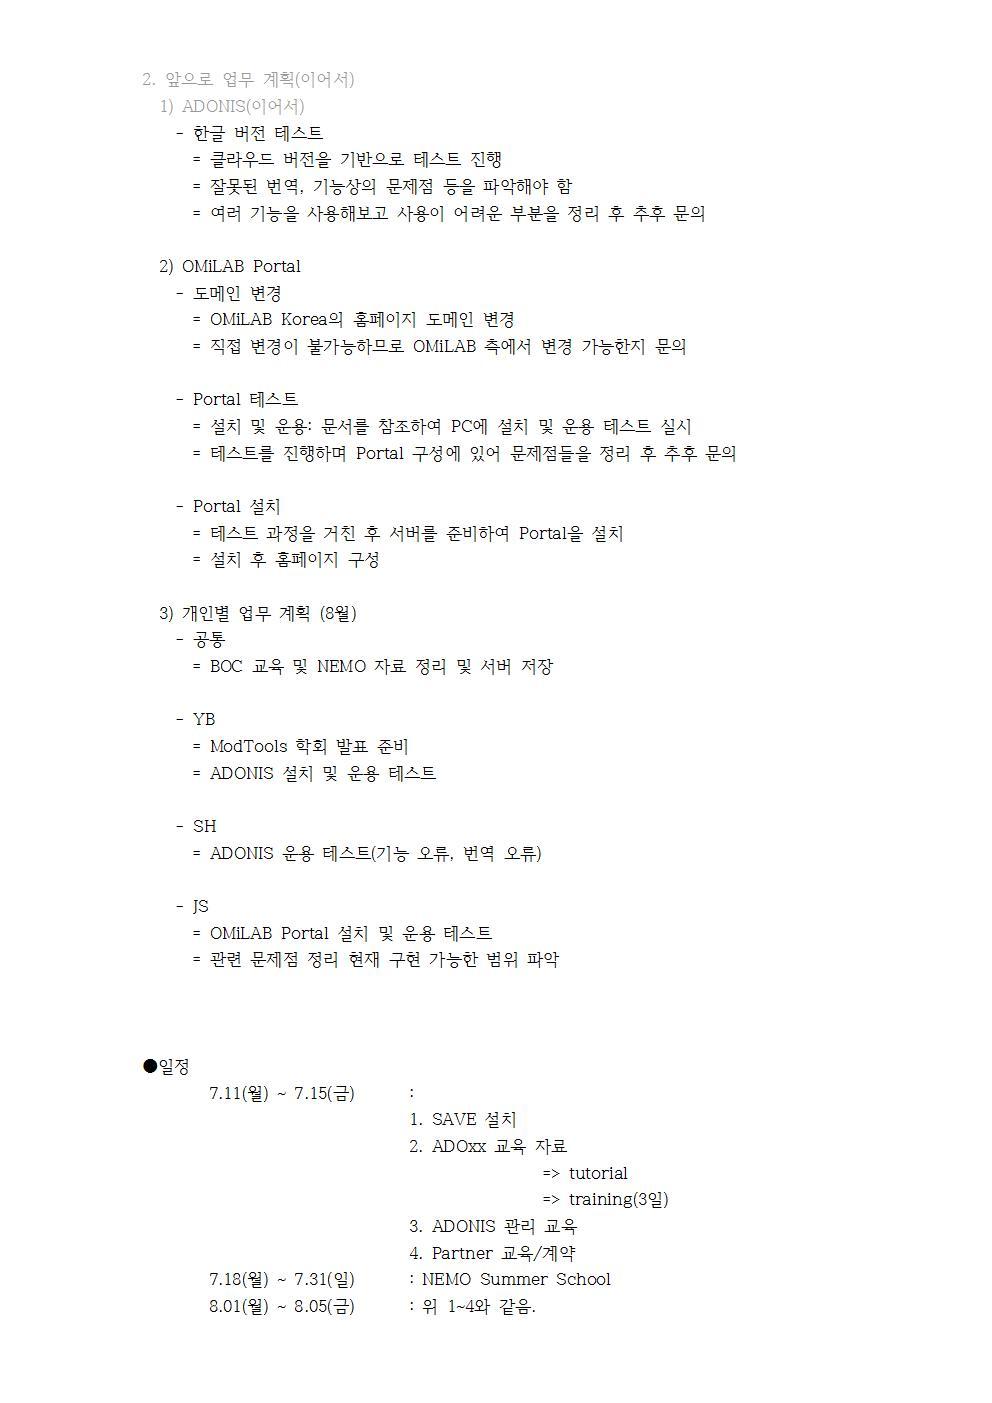 5-금-2016-08-12-회의내용기록002.jpg